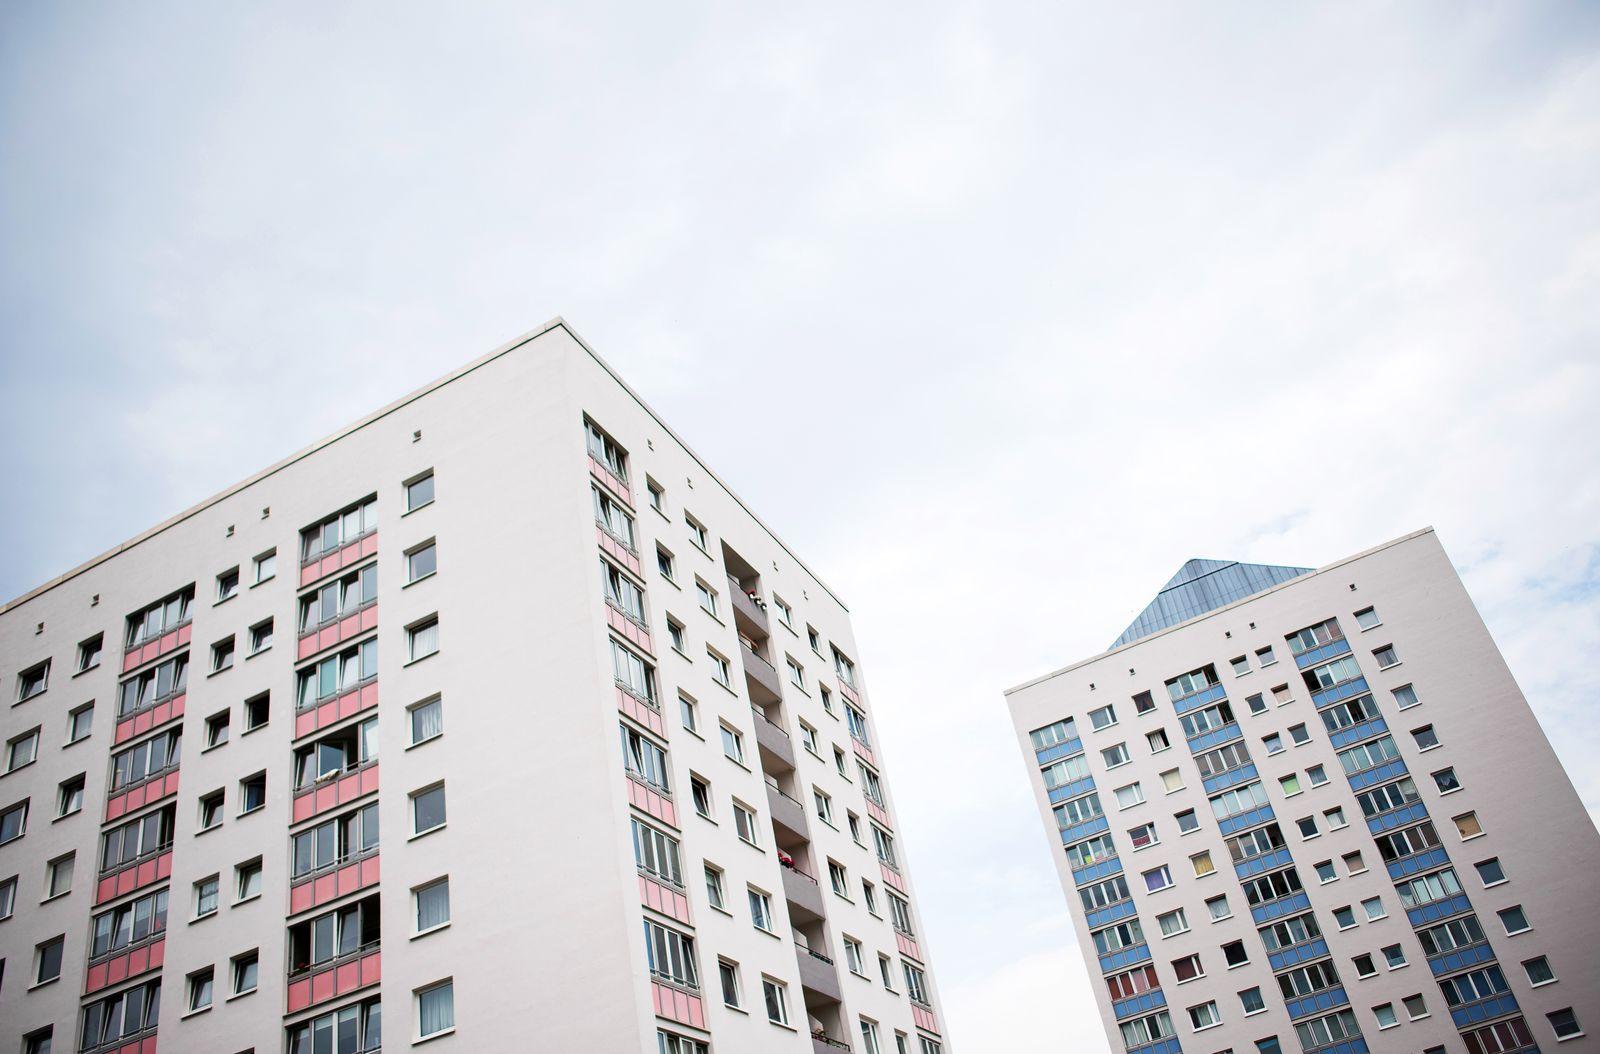 Wohnungen / Hamburg / SAGA